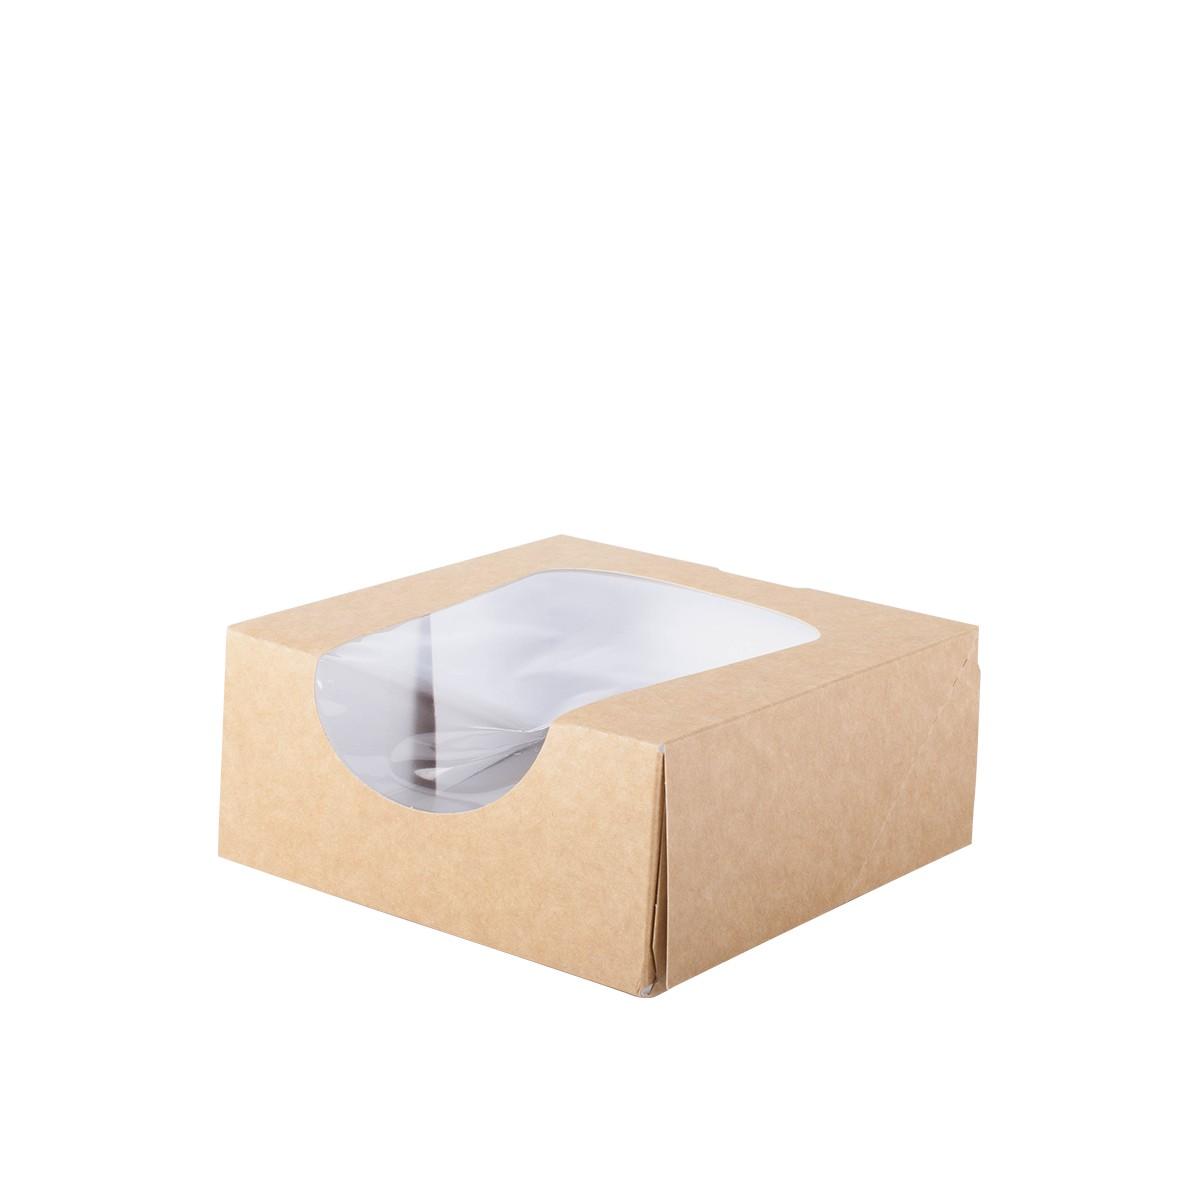 boite snacking carton vente à emporter